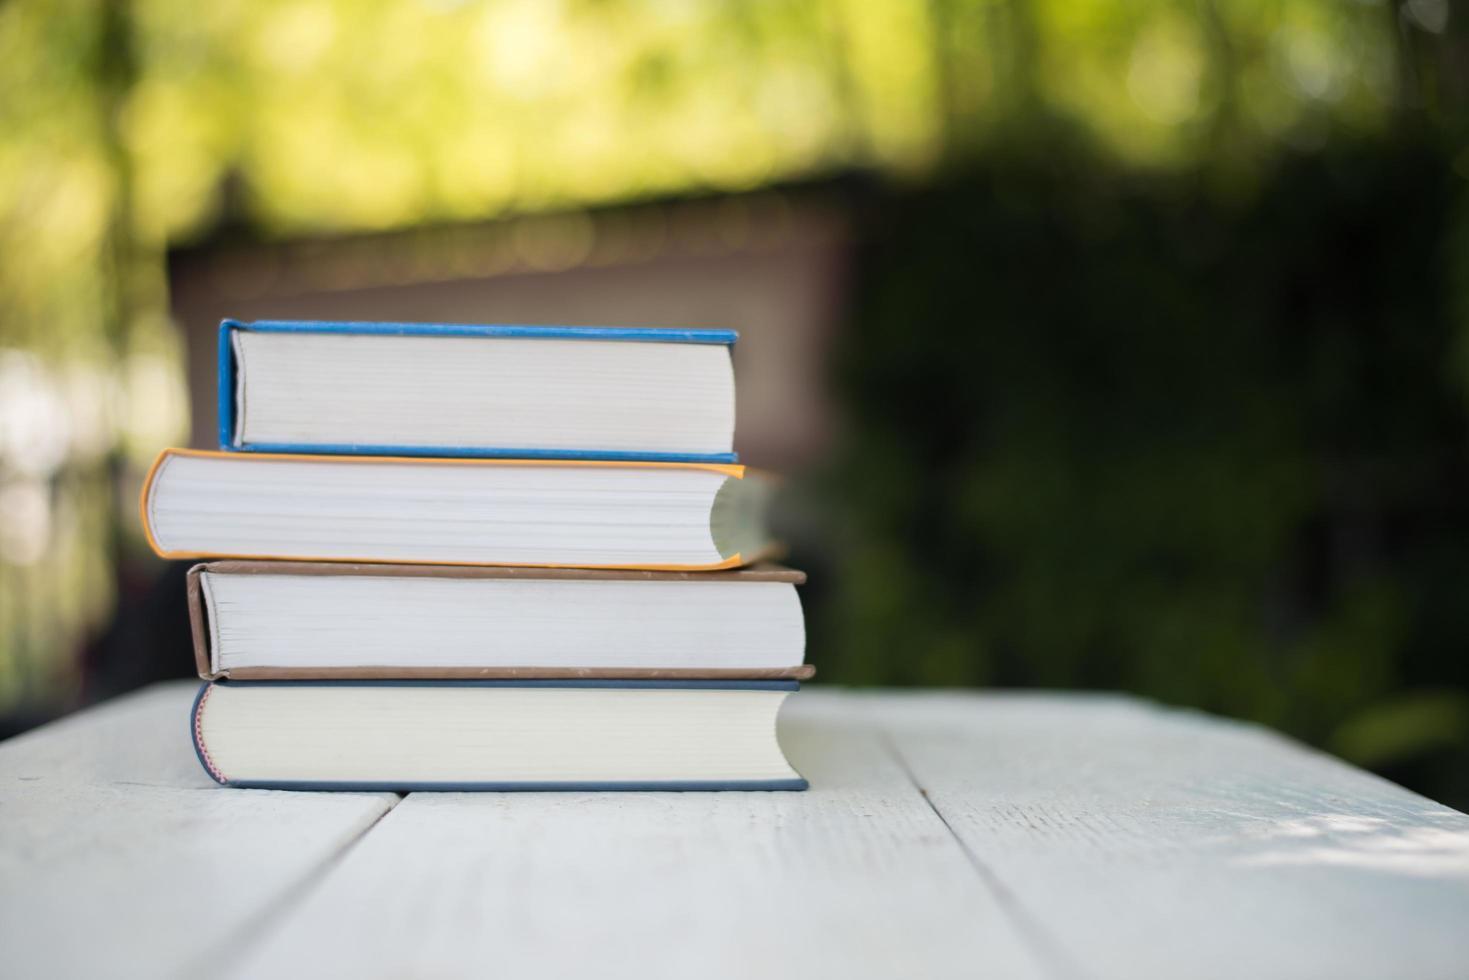 Stapel Bücher auf Naturhintergrund foto